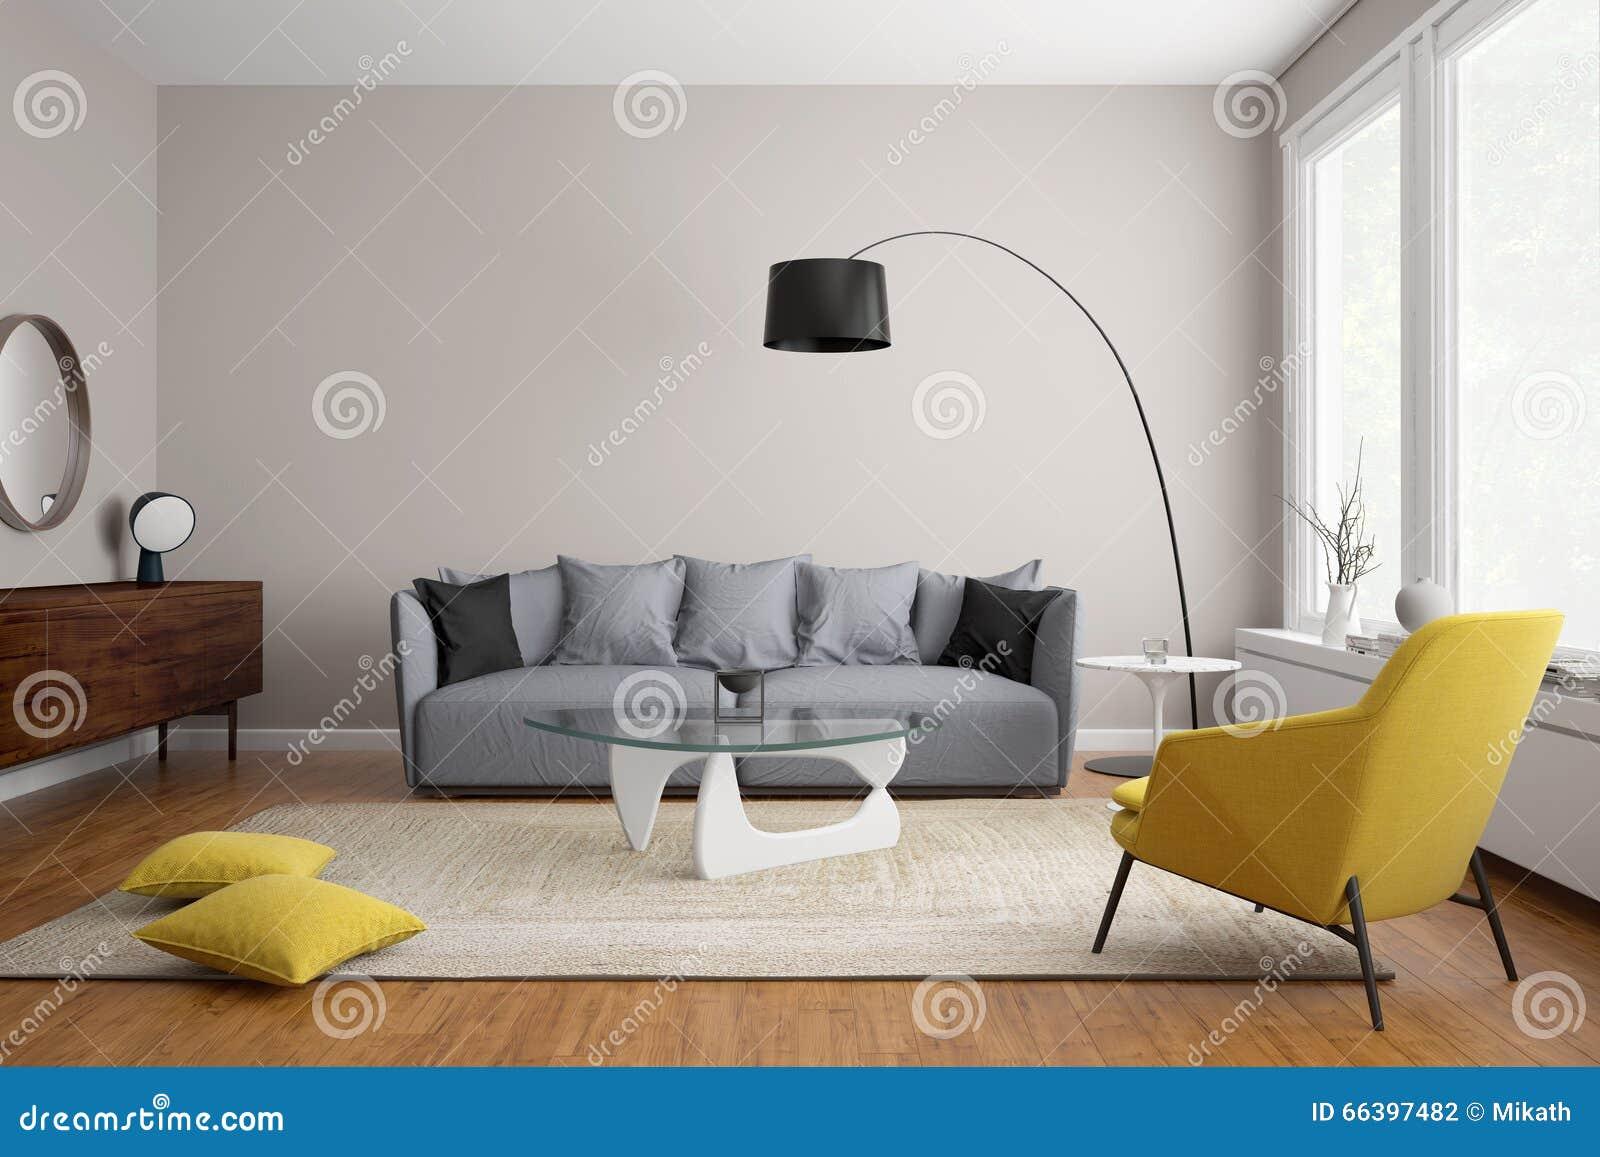 Moderne skandinavische woonkamer met grijze bank stock illustratie ...